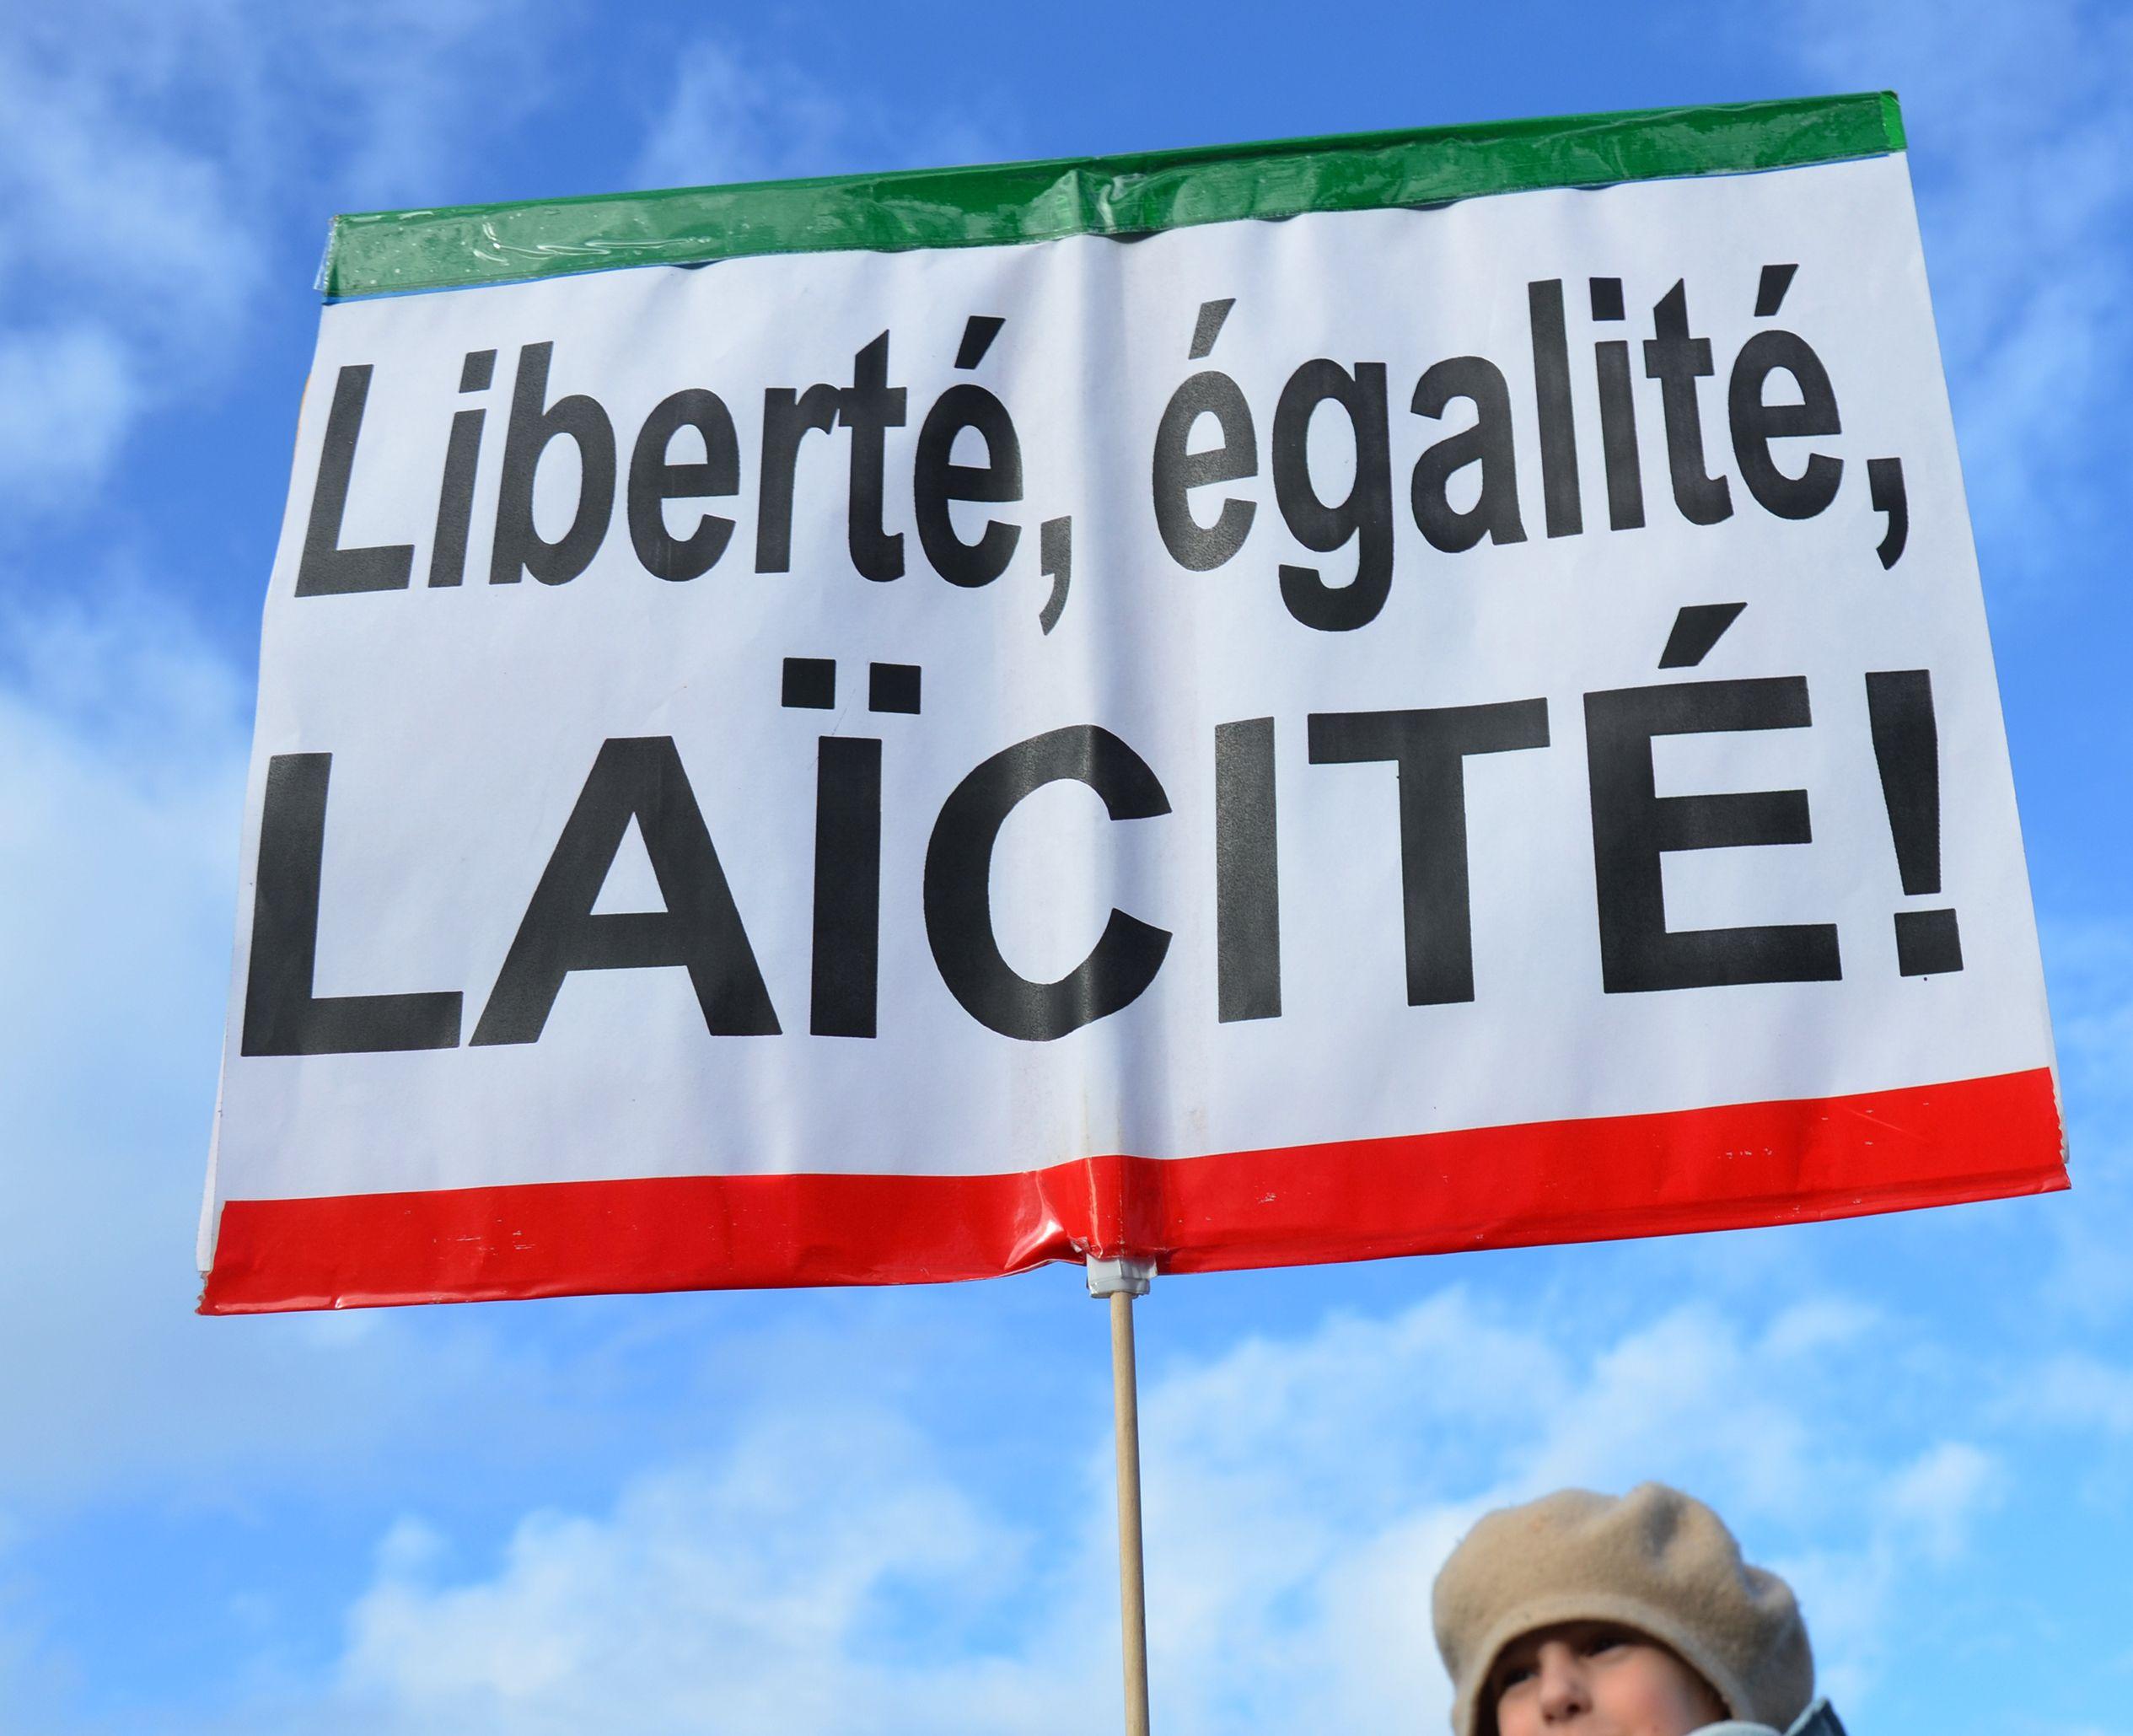 Entre le racisme anti-blanc dénoncé par Marine Le Pen et le racisme anti-immigrés combattu par Emmanuel Macron, quelles réalités sur le terrain ?